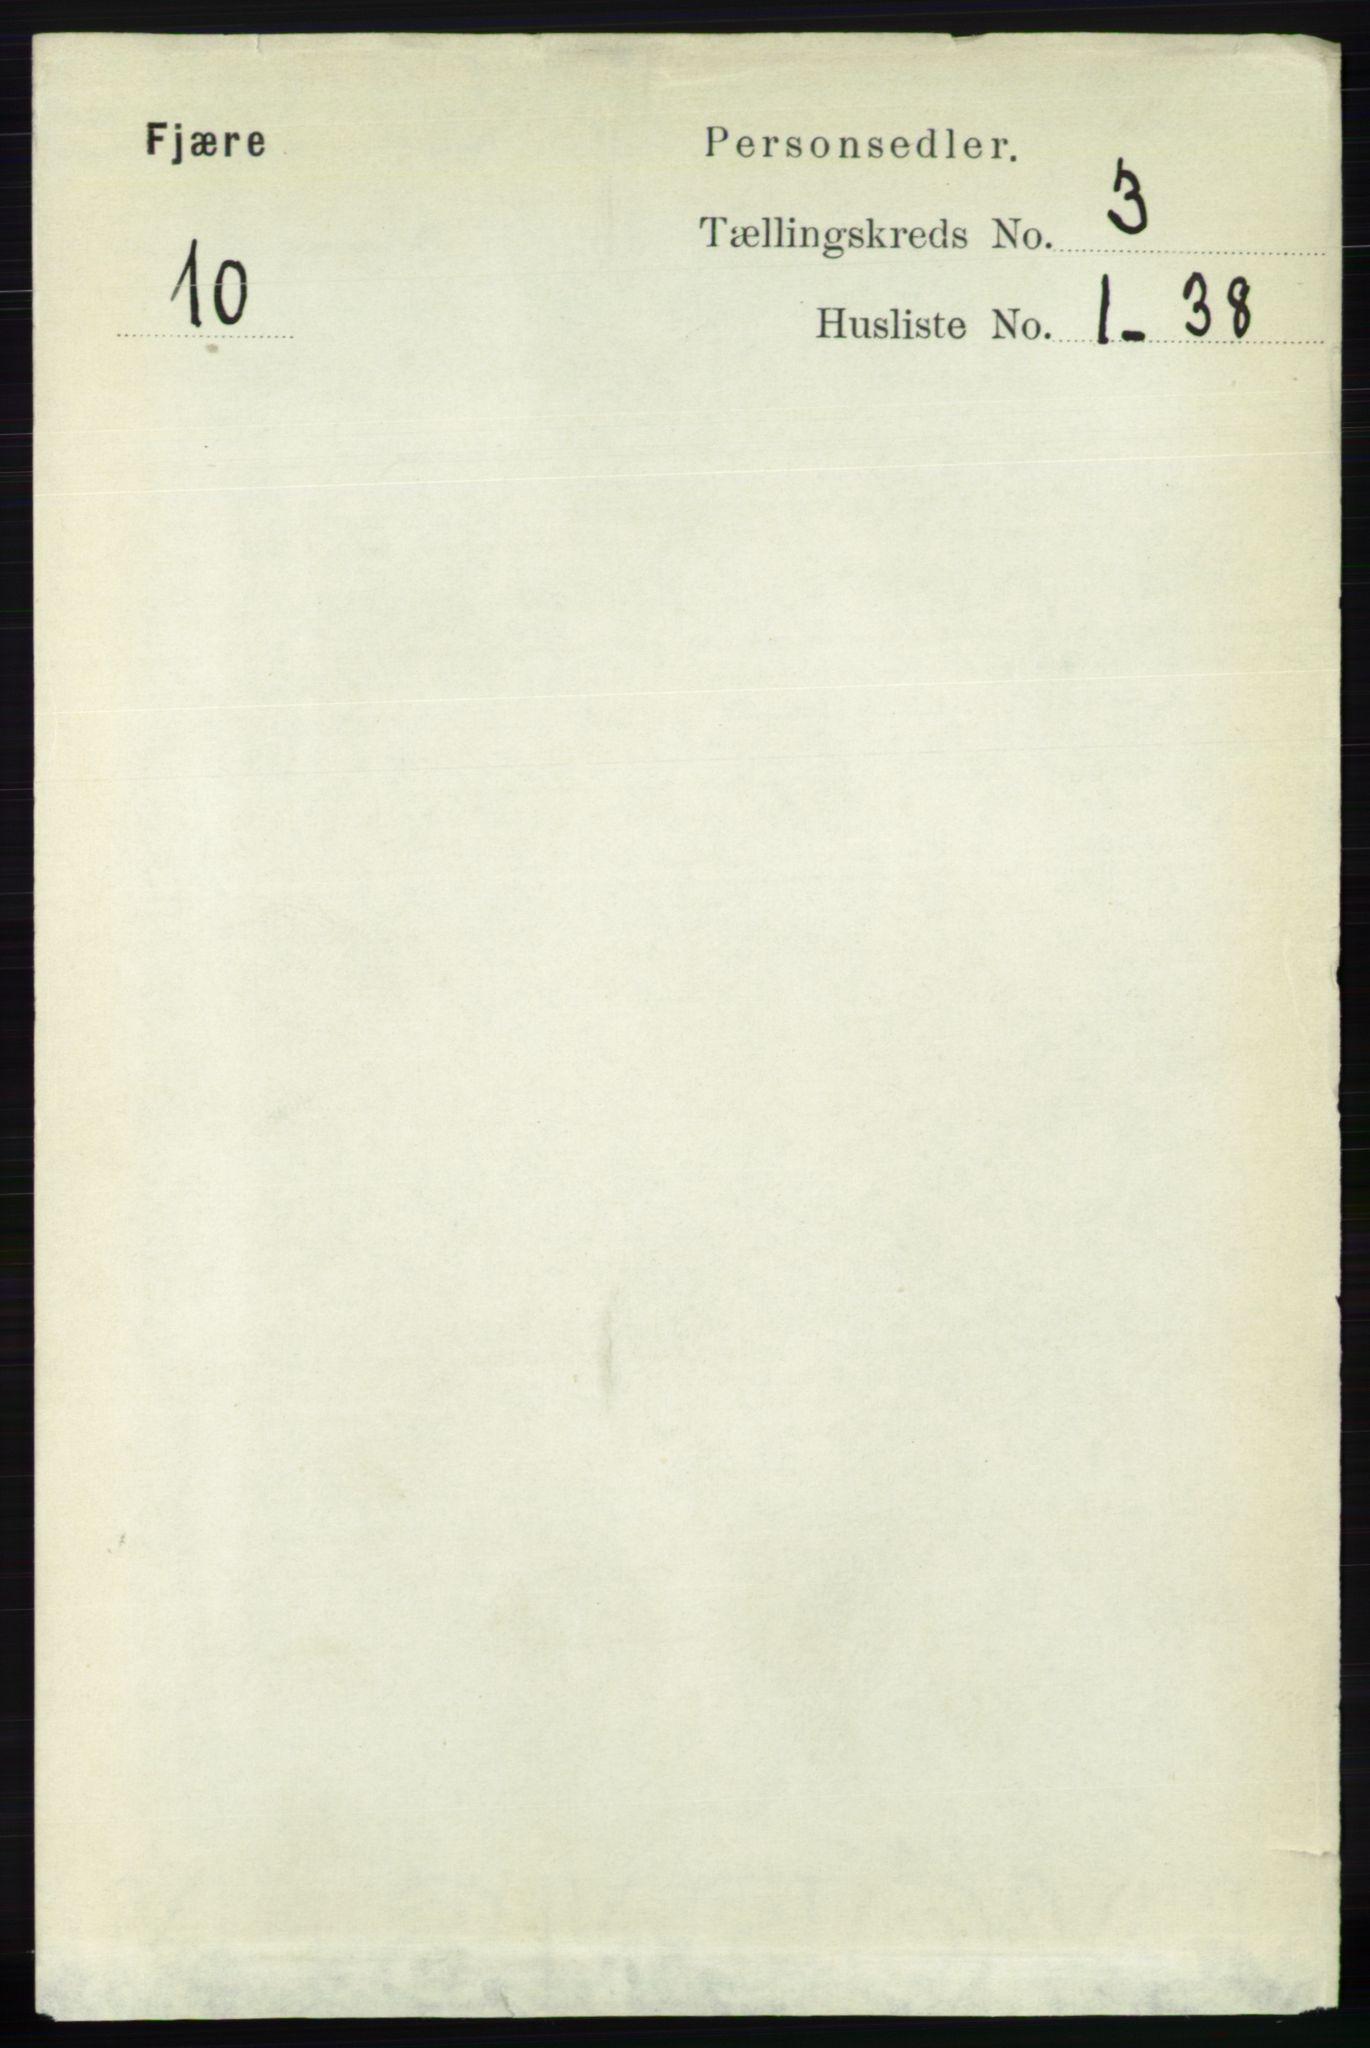 RA, Folketelling 1891 for 0923 Fjære herred, 1891, s. 1380